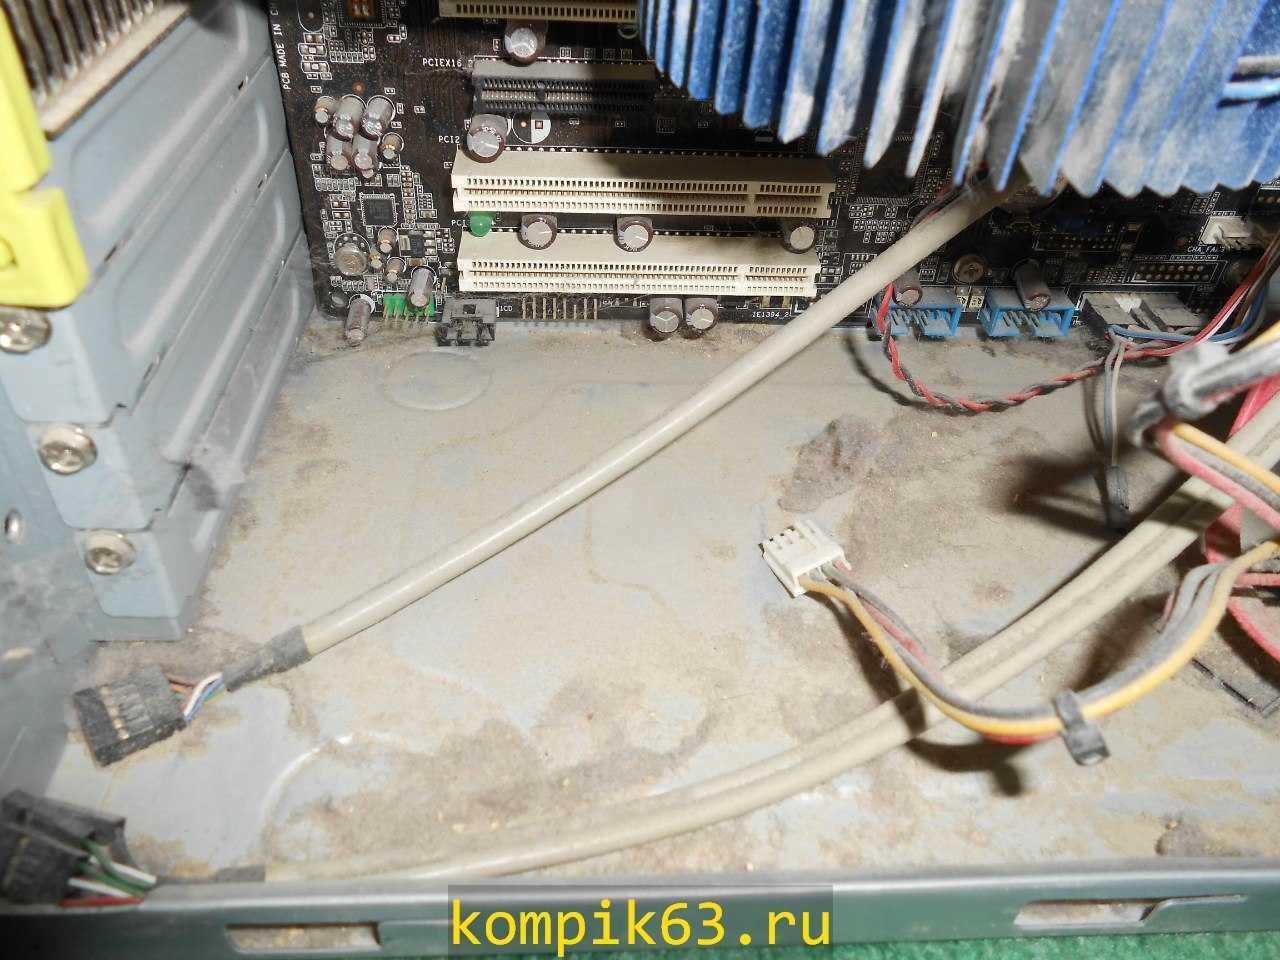 kompik63.ru-084